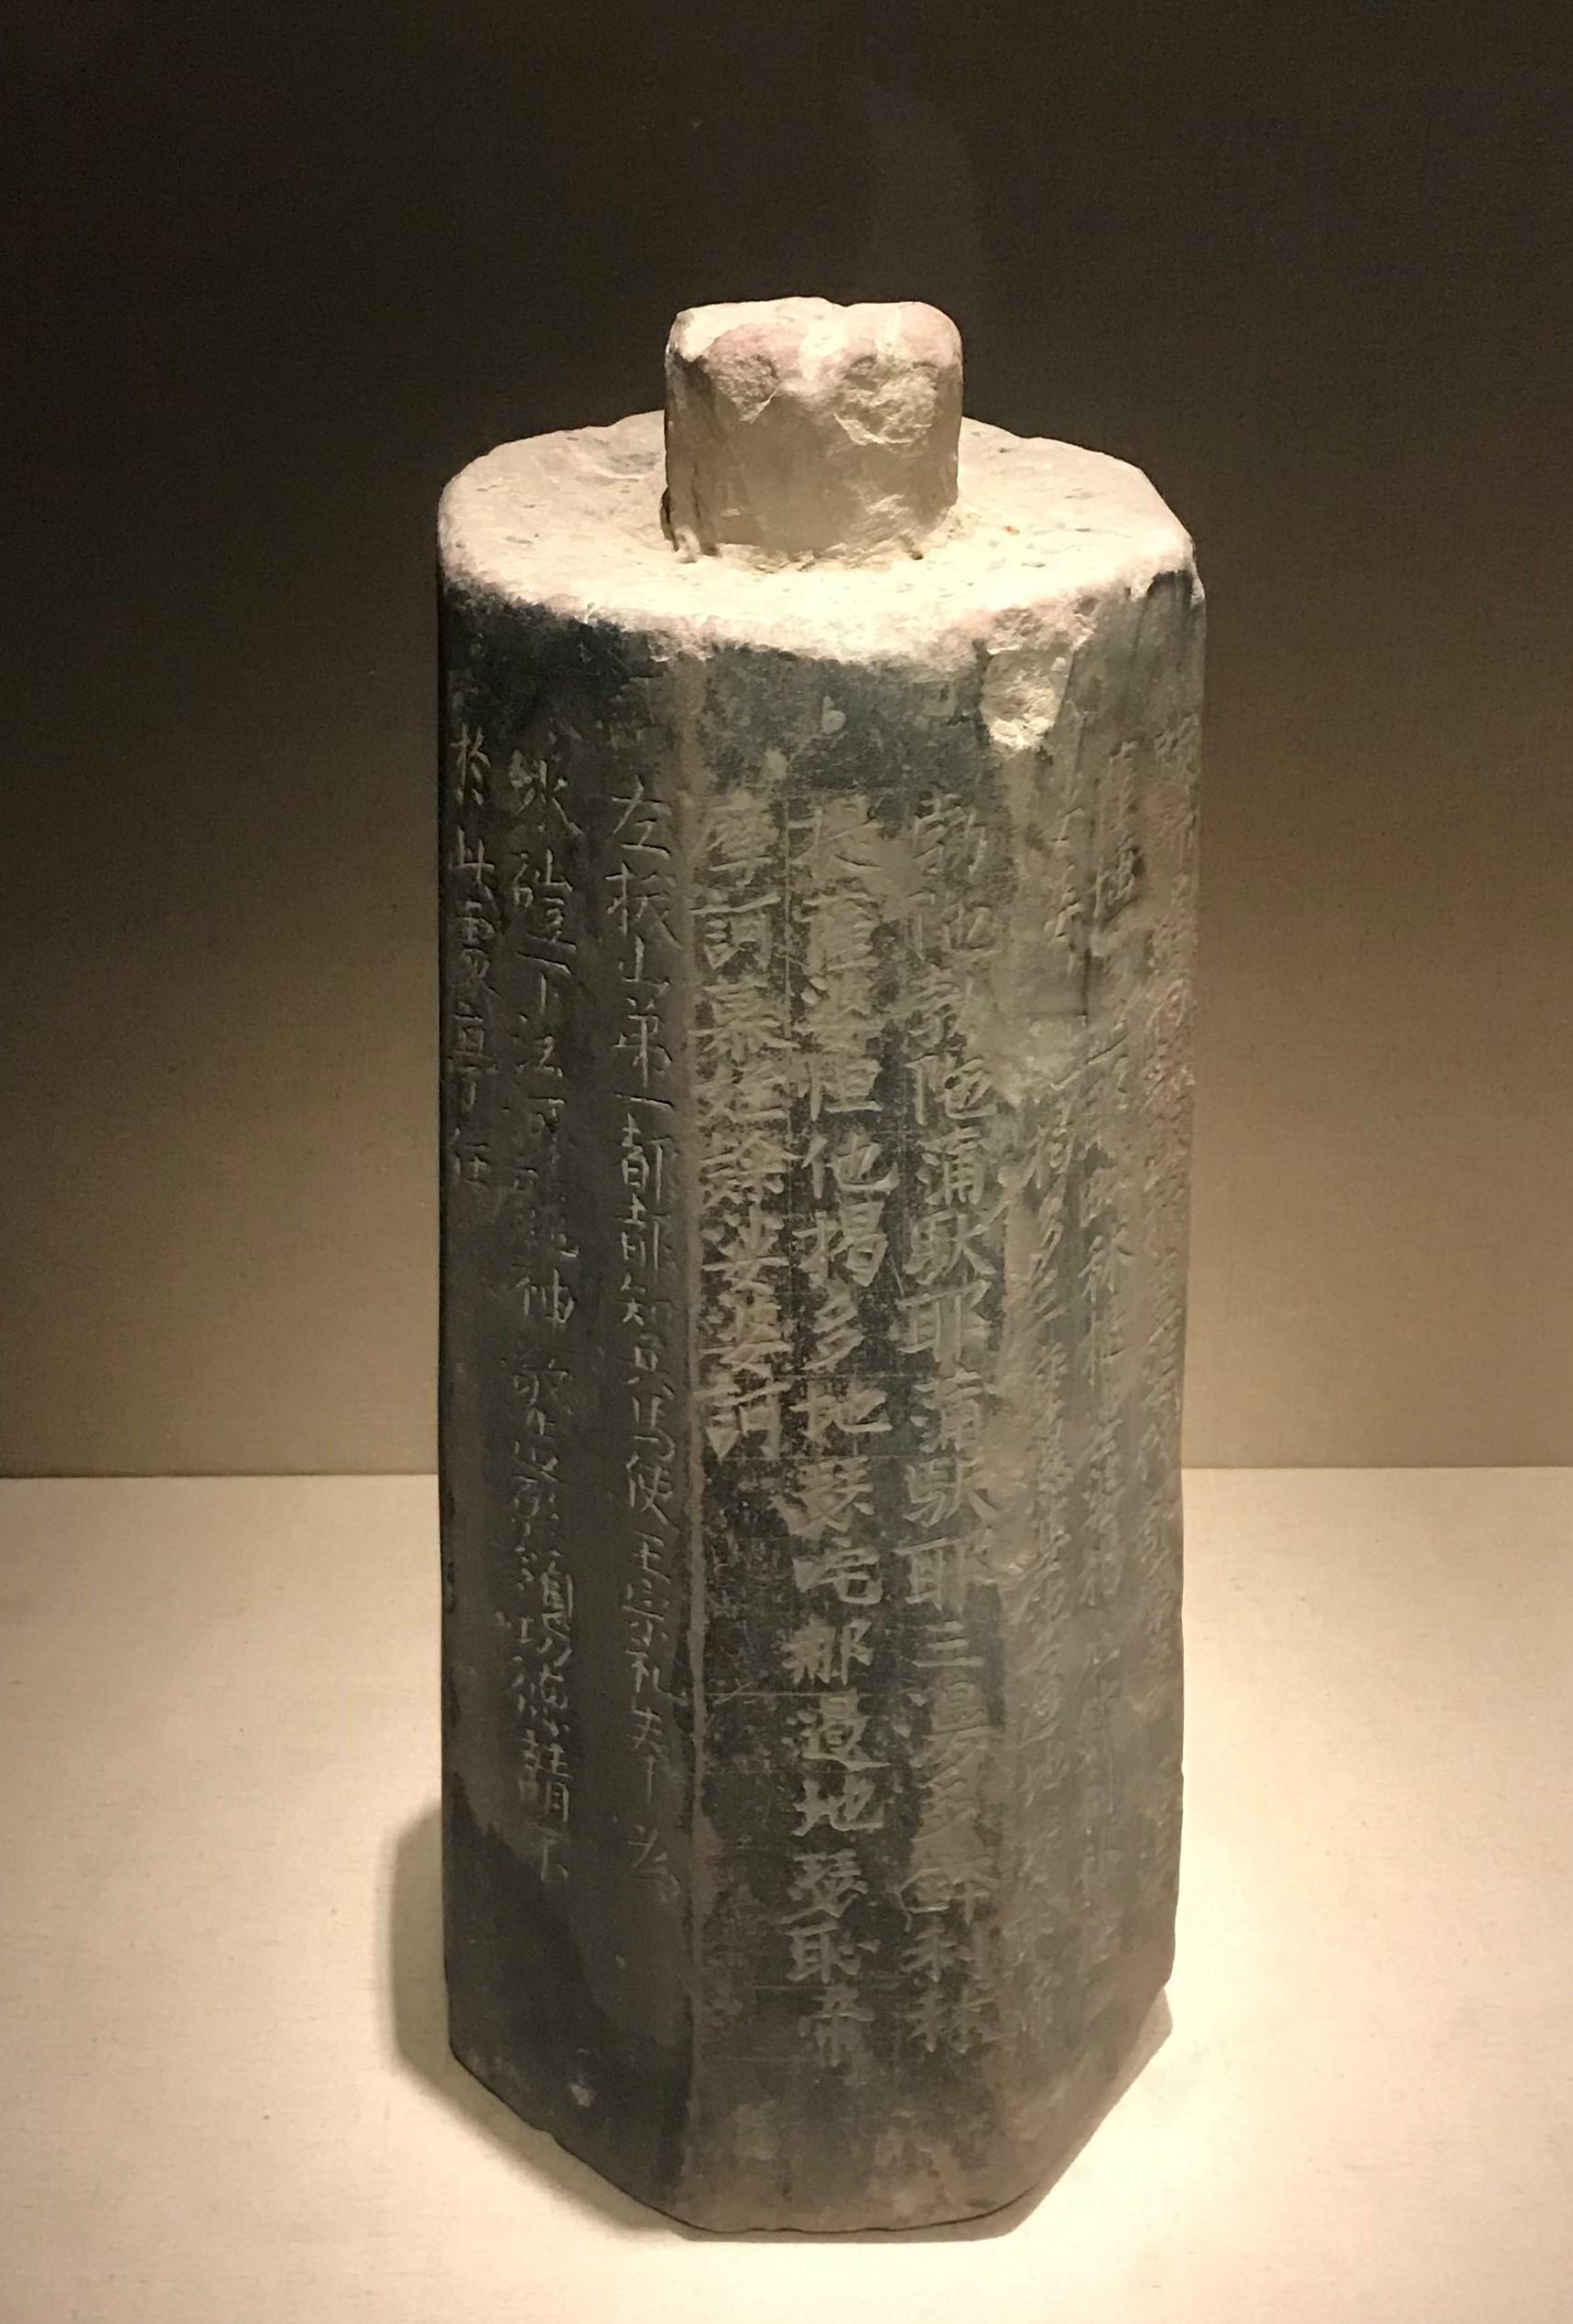 仏頂尊勝陀羅尼経幢-隋唐五代宋元時代-常設展F3-成都博物館